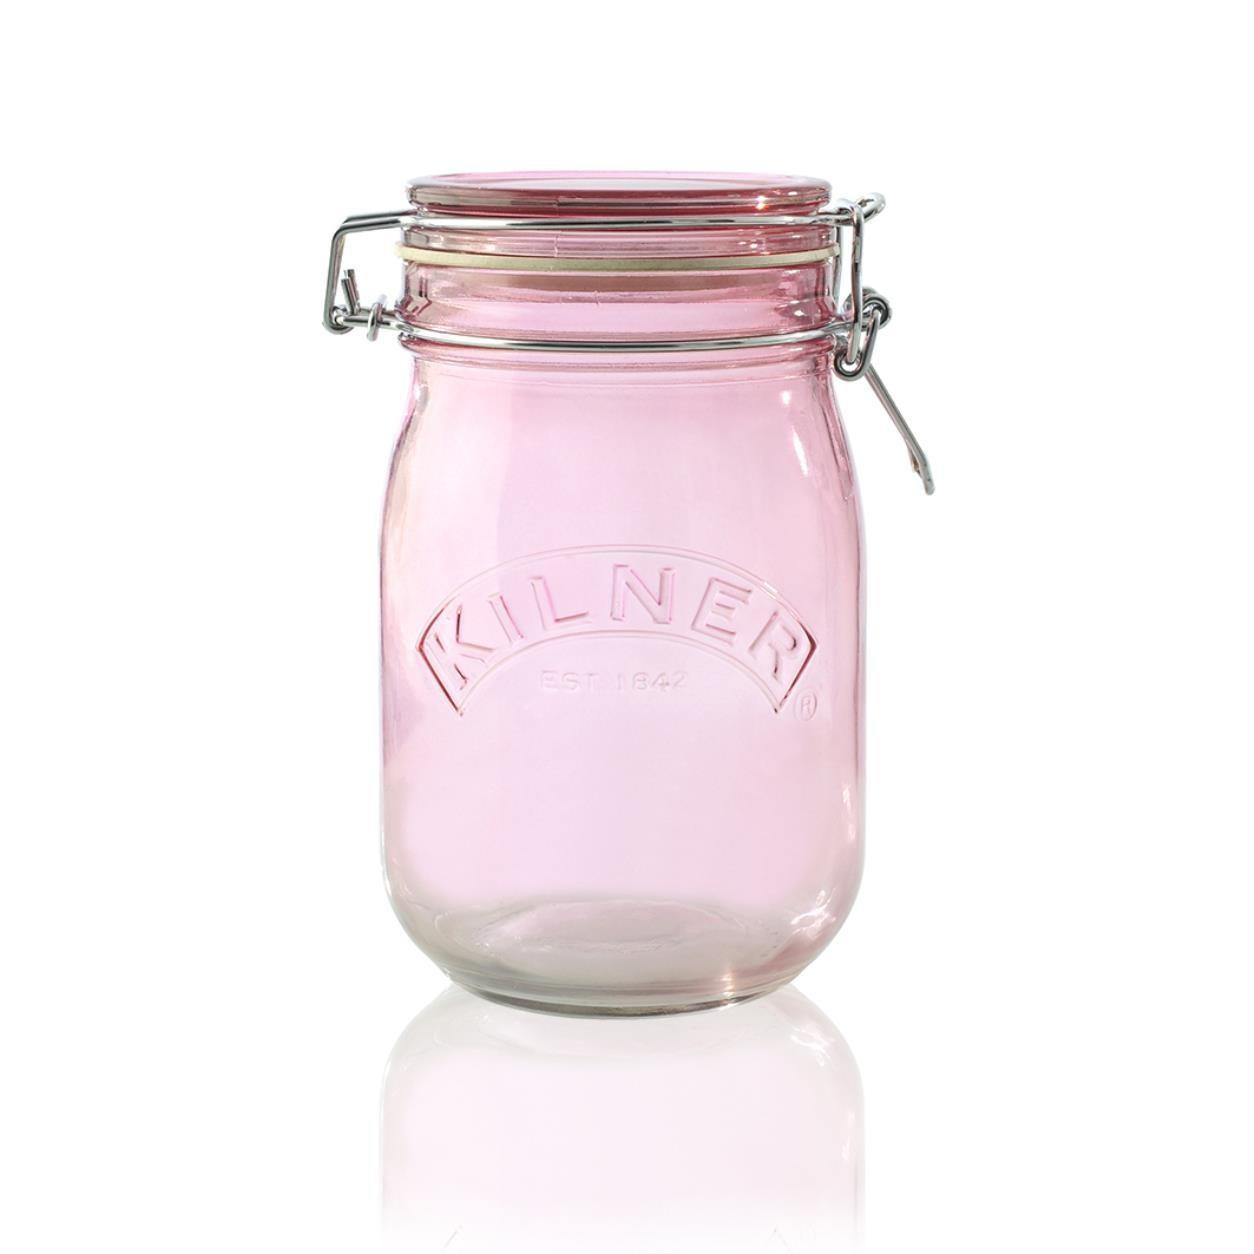 KILNER Skleněná dóza s klipem Pink 1 l, růžová barva, sklo